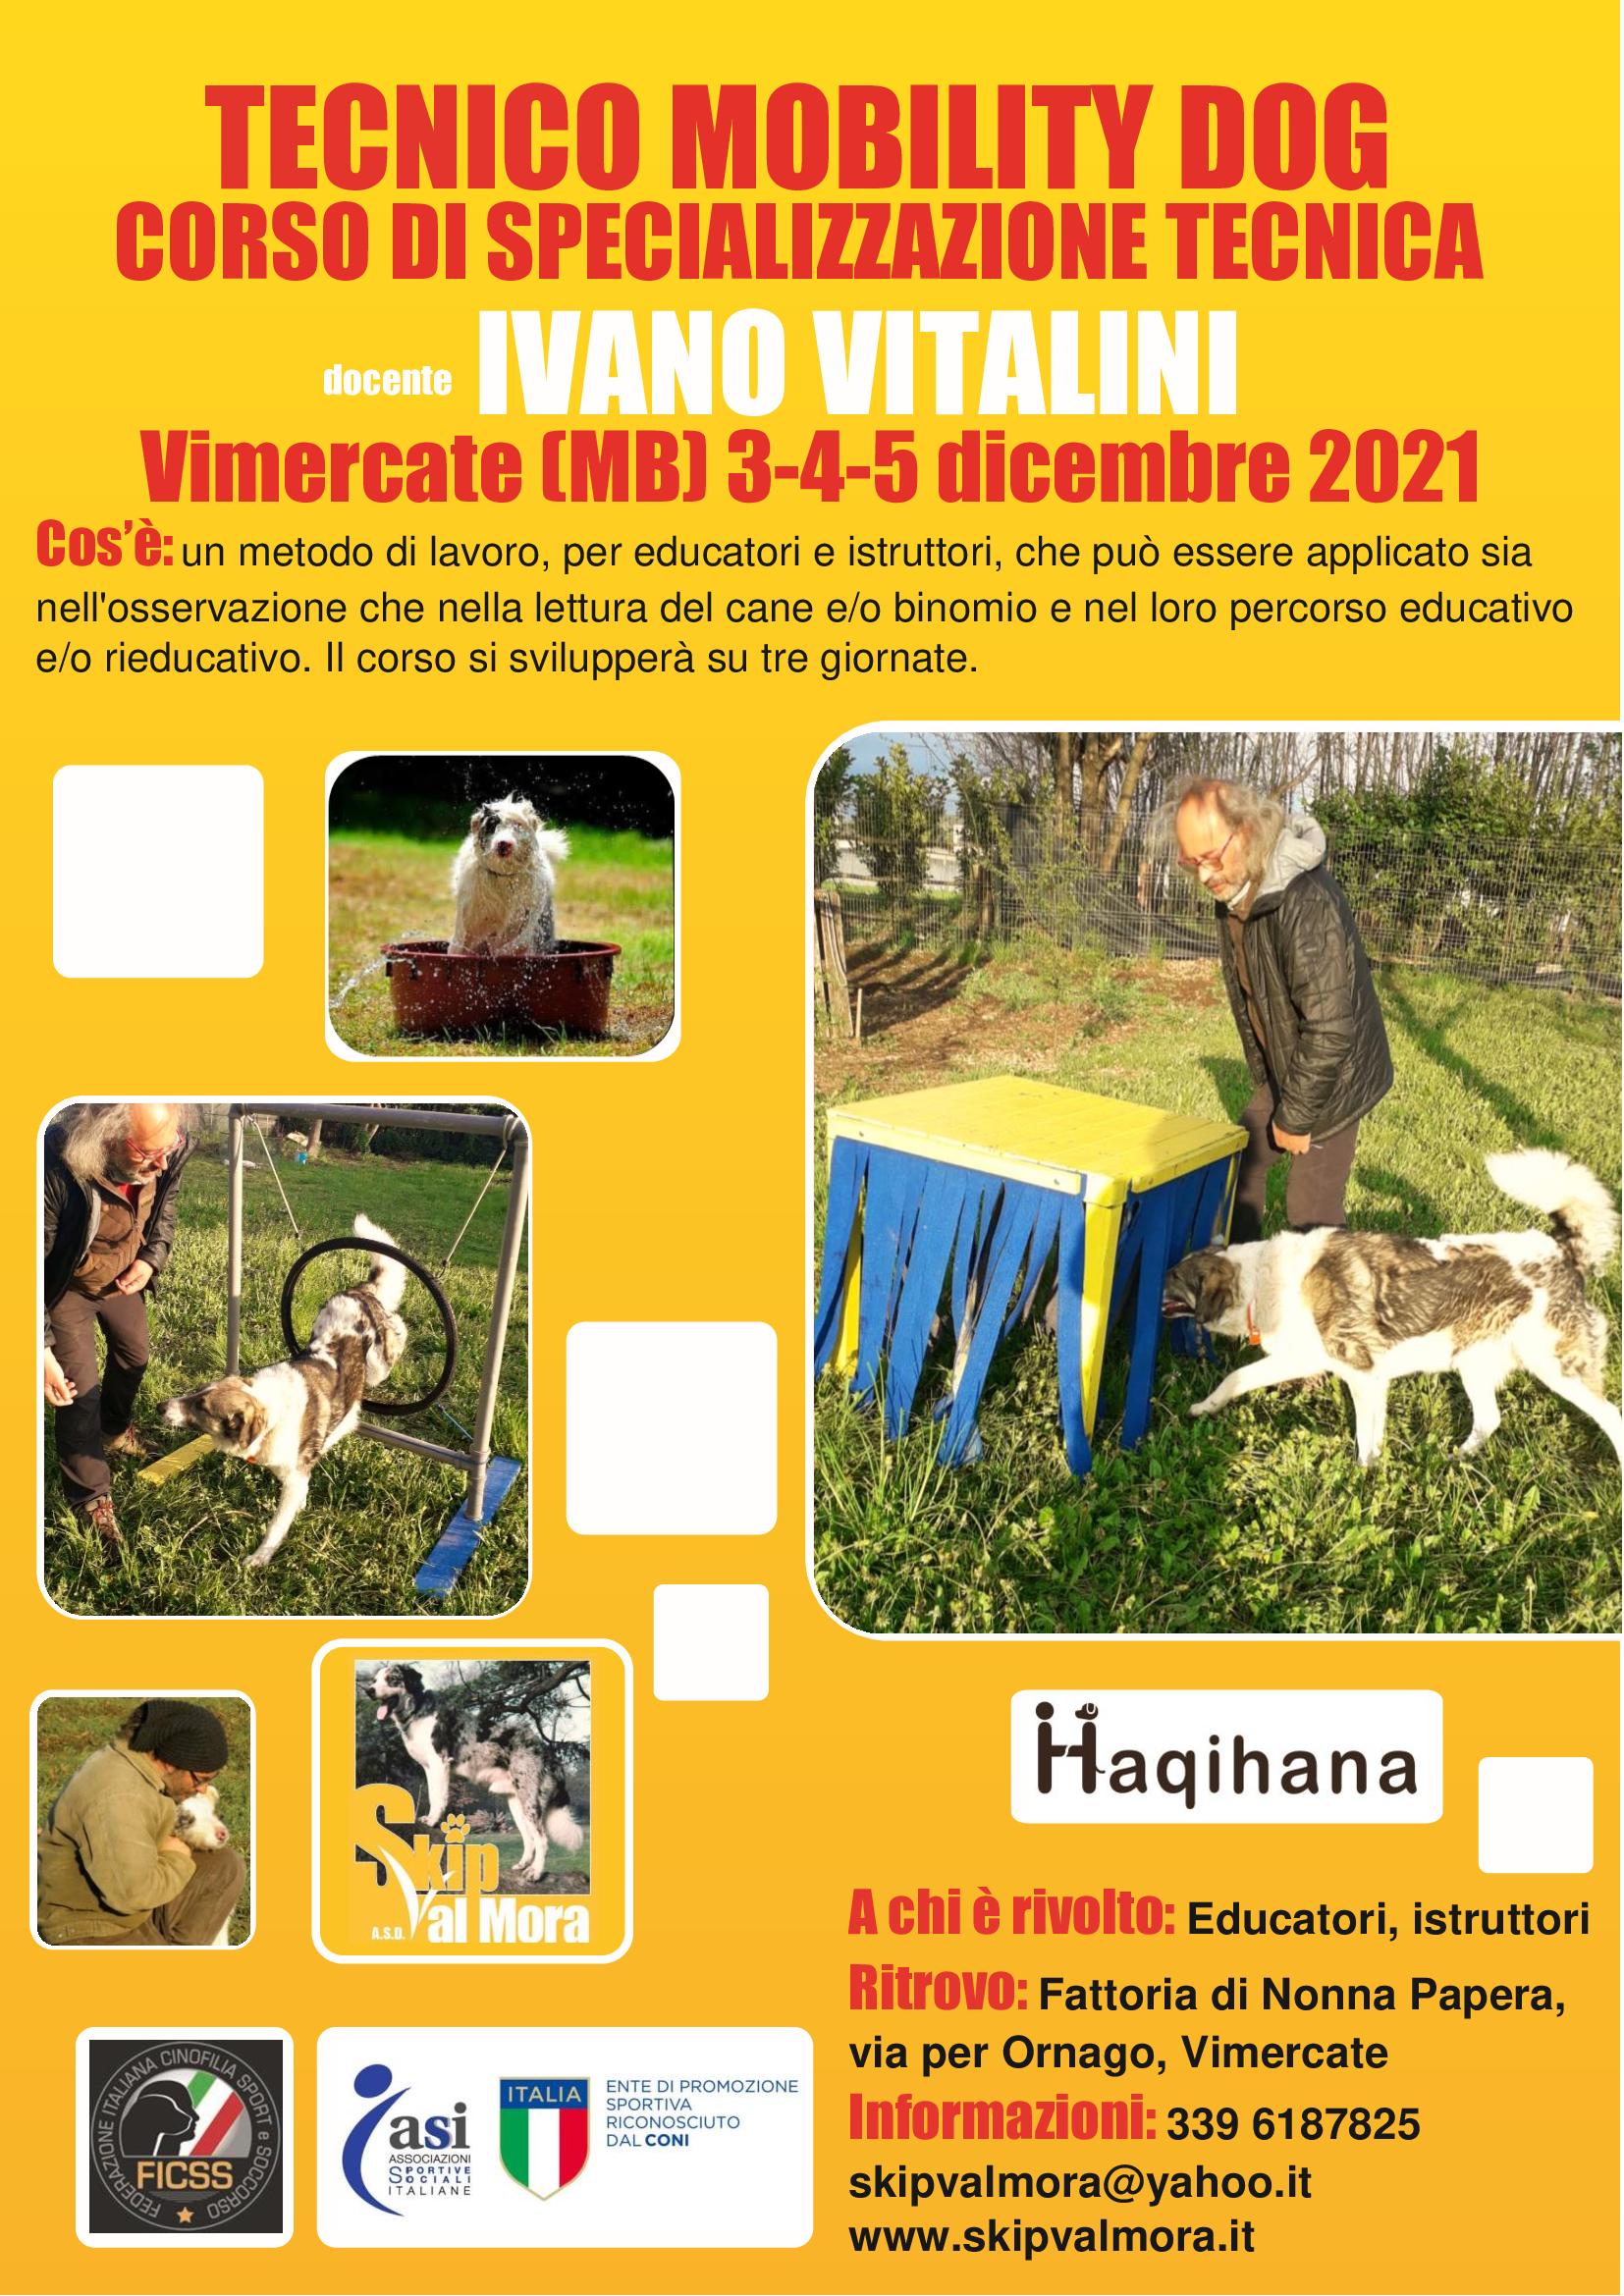 Vimercate (MB) 3-4-5 Dicembre 2021 - Tecnico Mobility Dog con Ivano Vitalini